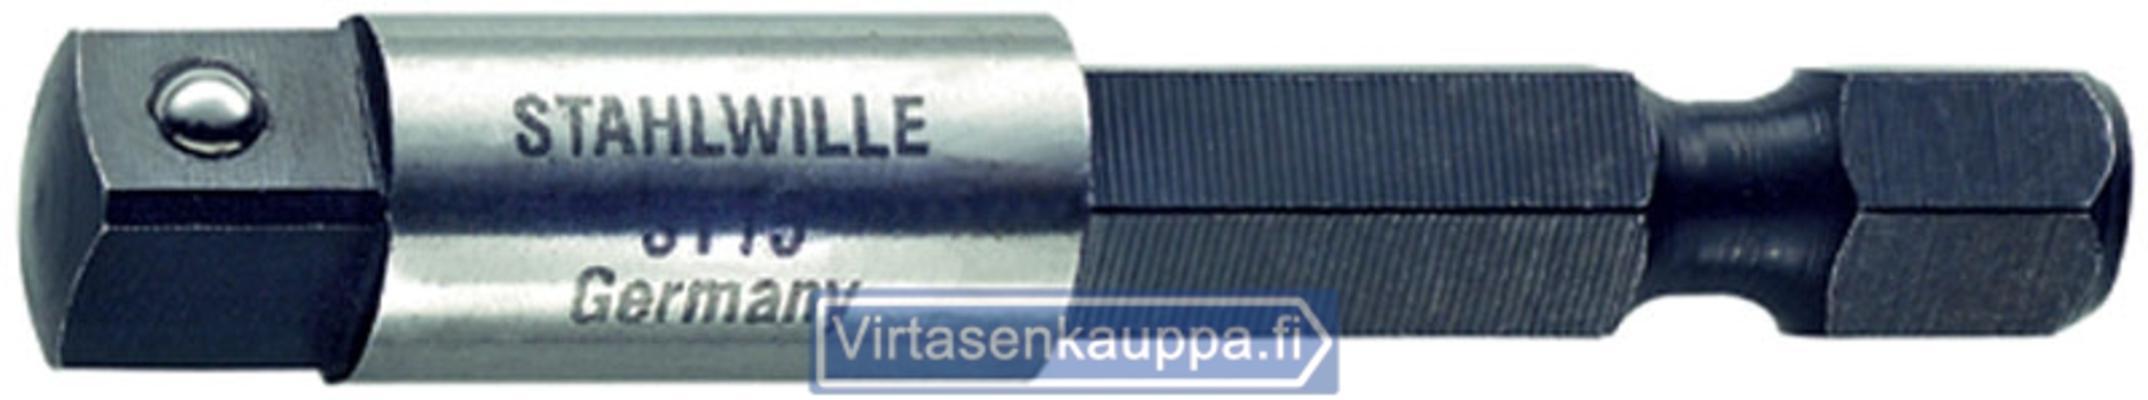 """Sovituskappale 1/4""""x50 mm, Stahlwille - Sovituskappale 1/4"""